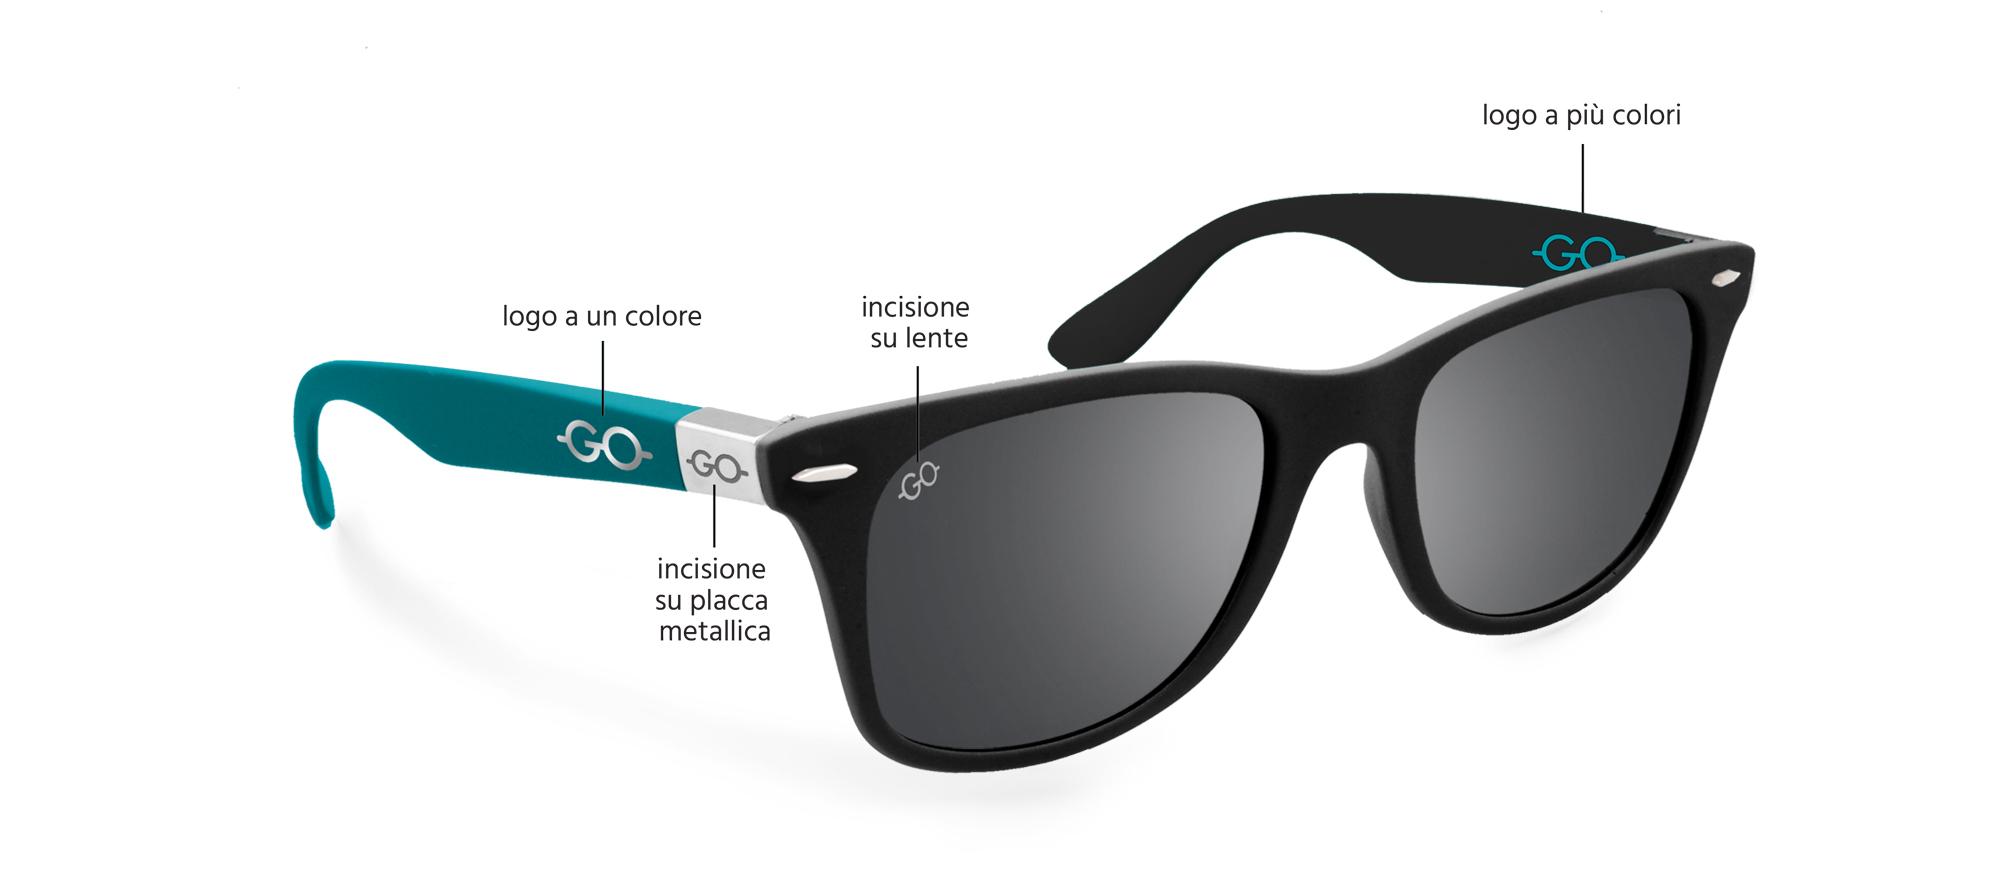 Posizione logo - gadget occhiali